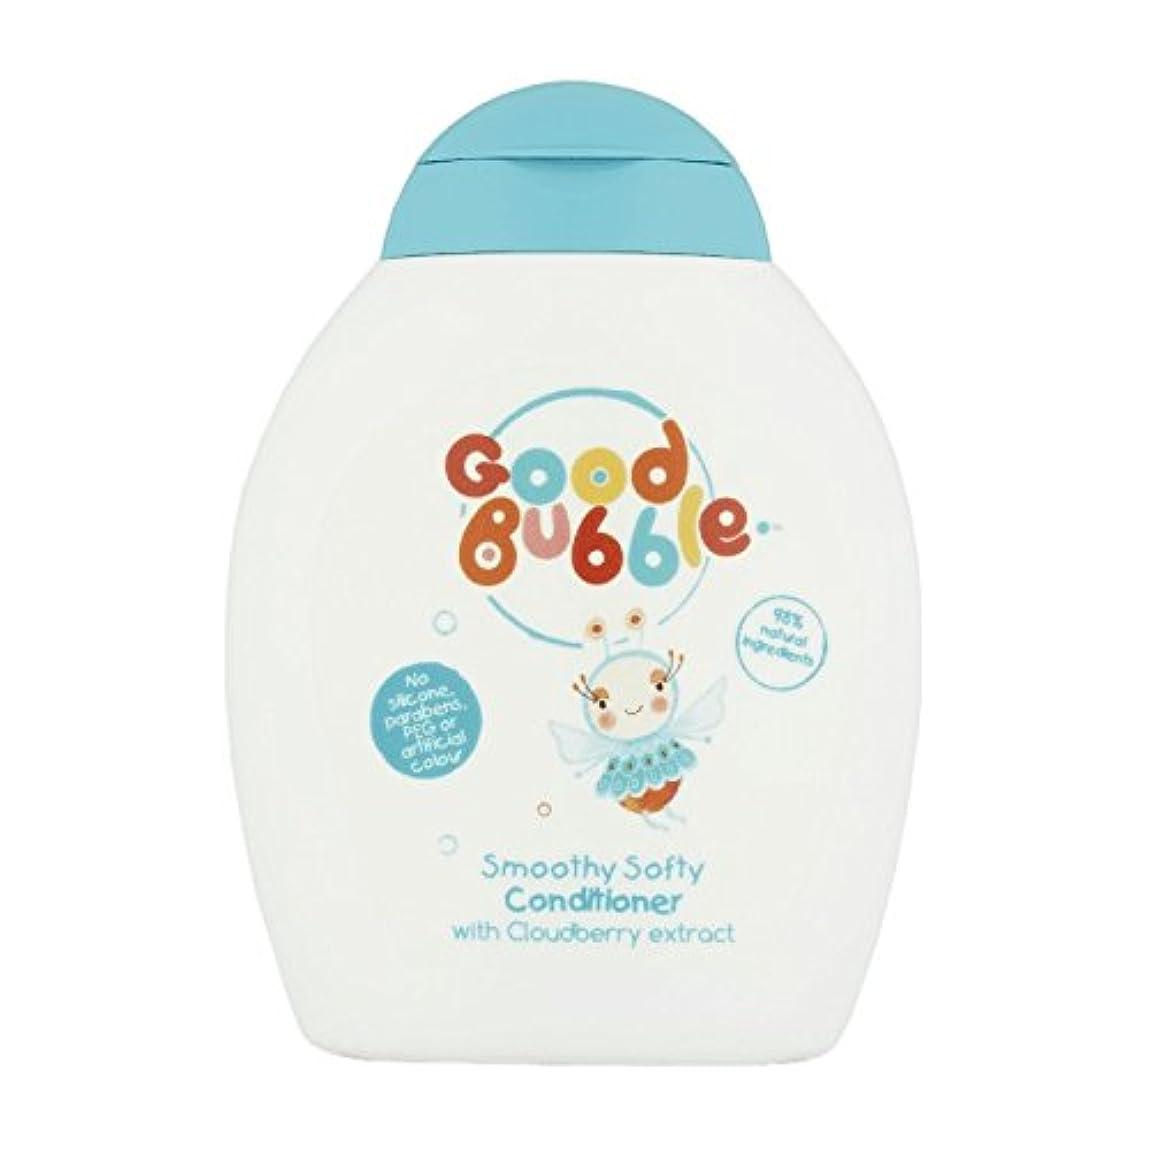 ケープ失態命令的Good Bubble Cloudberry Conditioner 250ml (Pack of 6) - 良いバブルクラウドベリーコンディショナー250ミリリットル (x6) [並行輸入品]